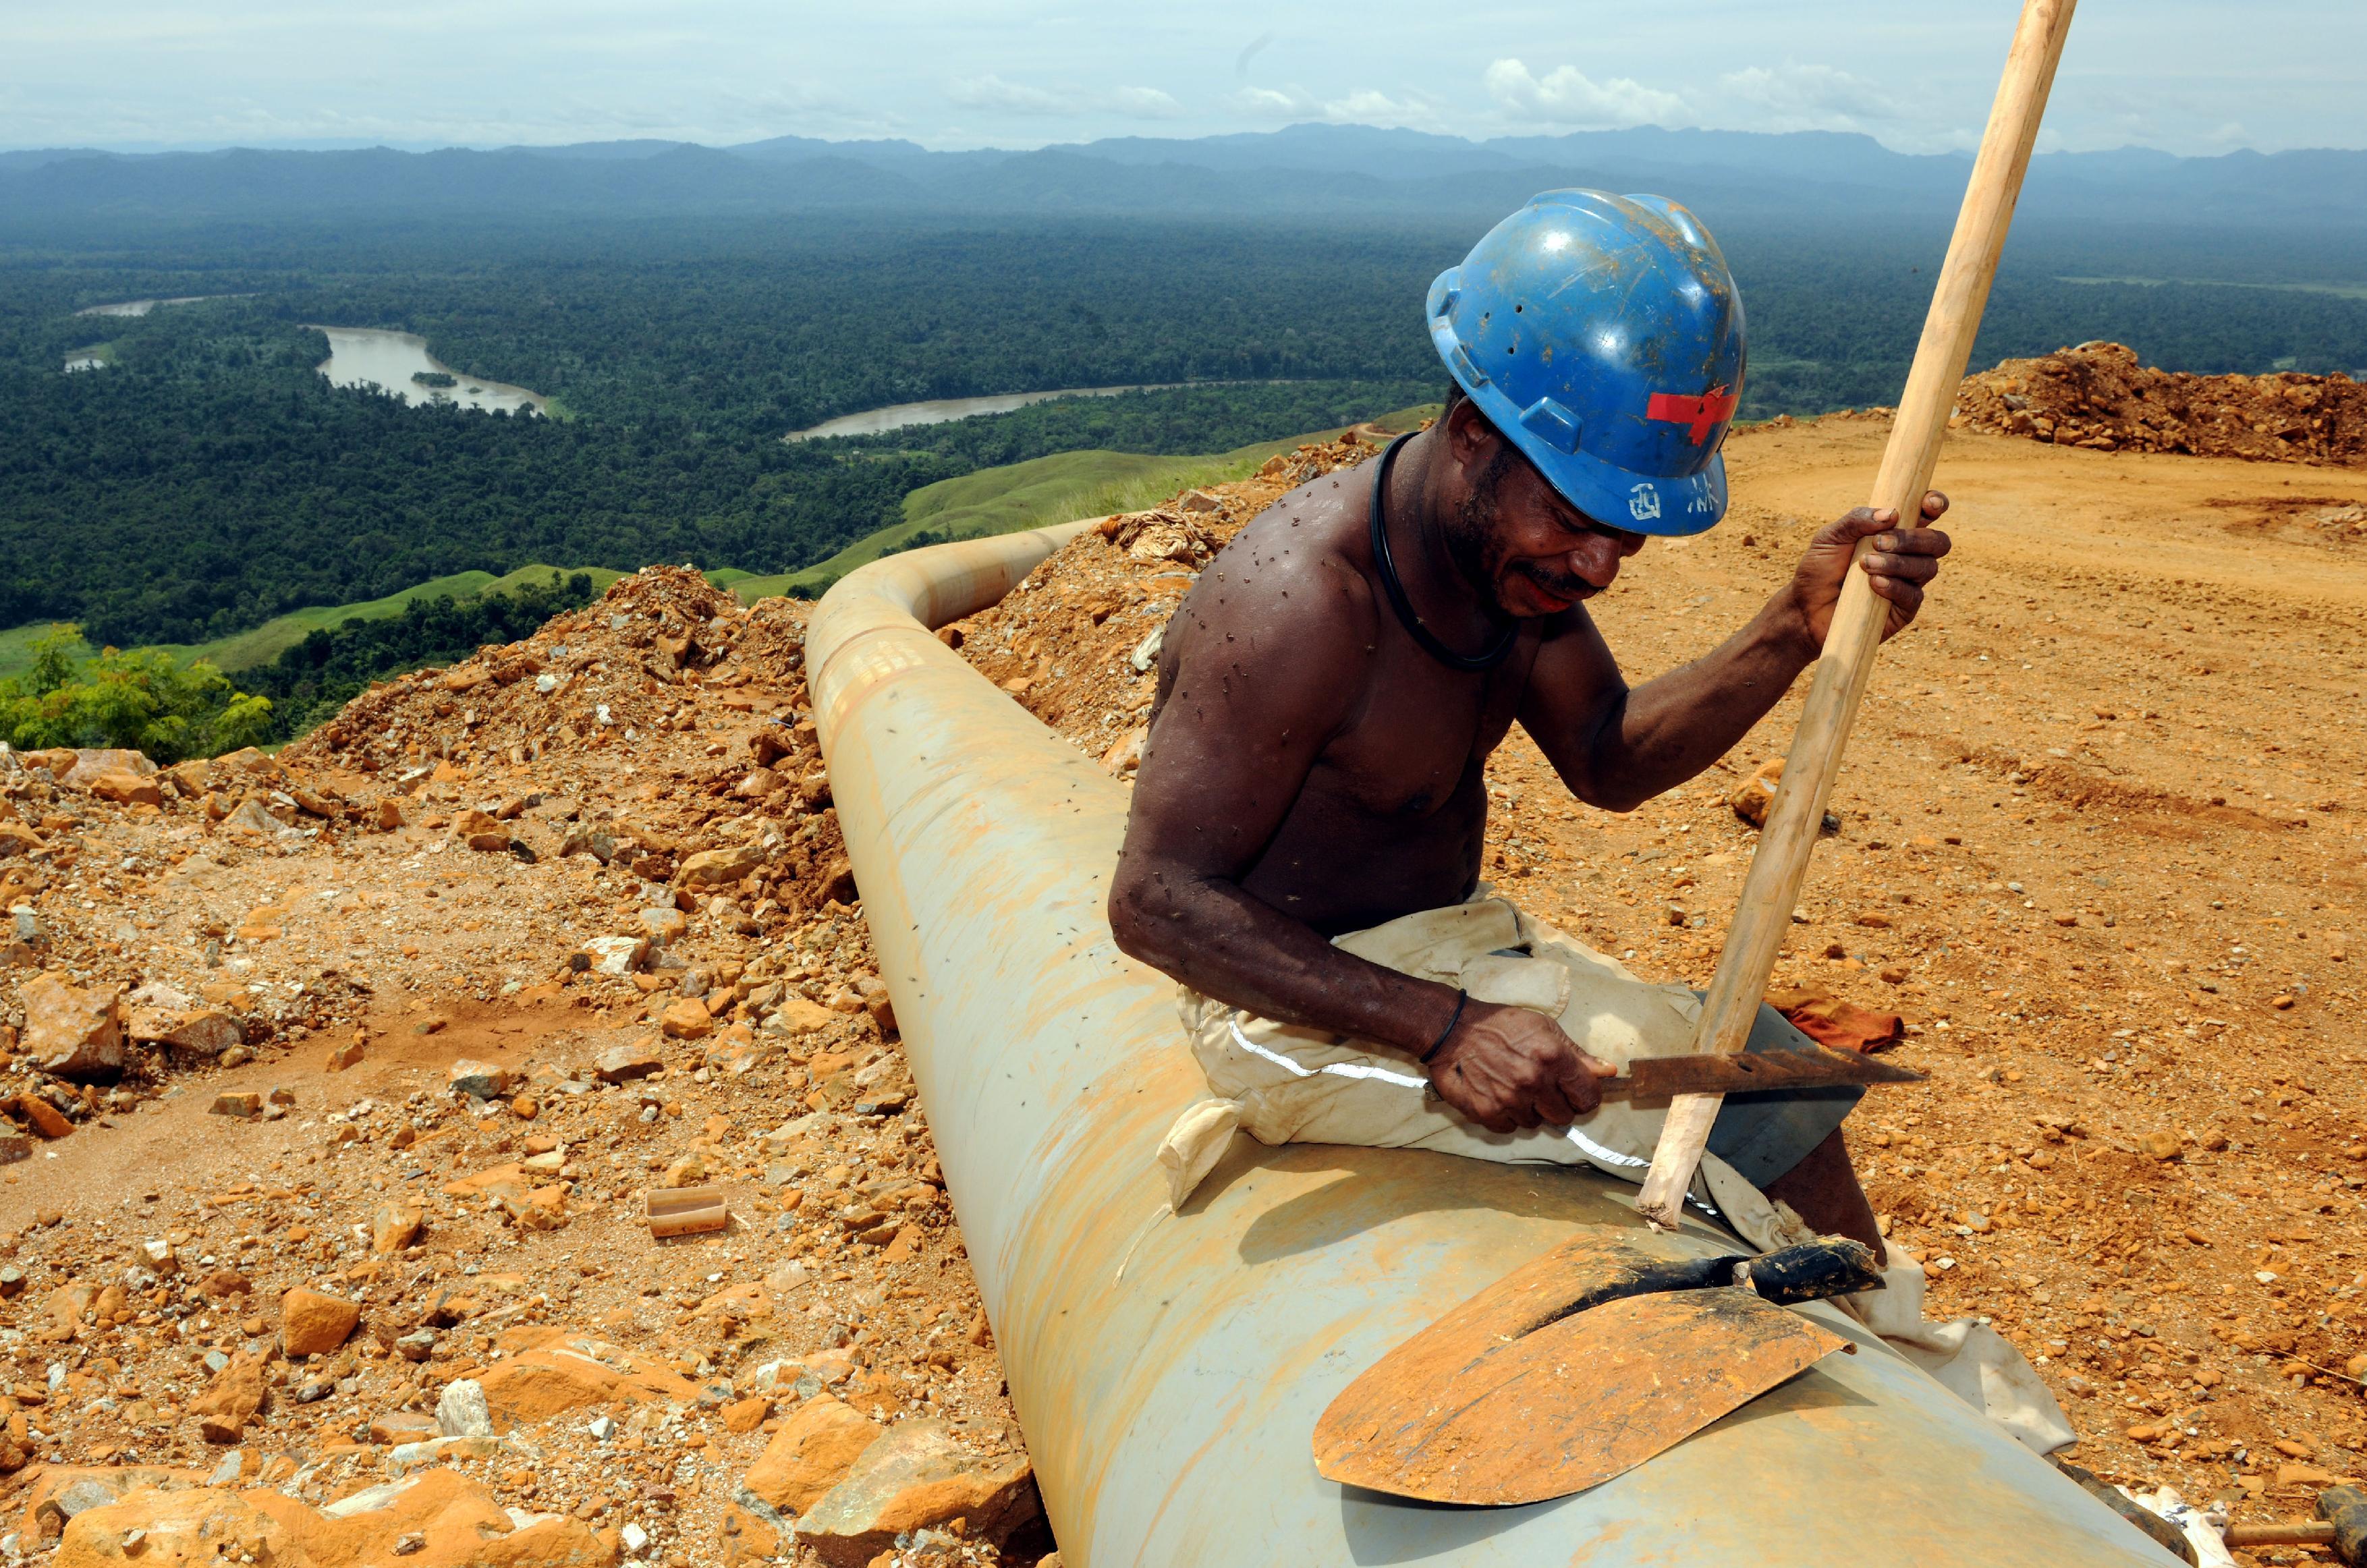 Mann repariert Rohrleitung